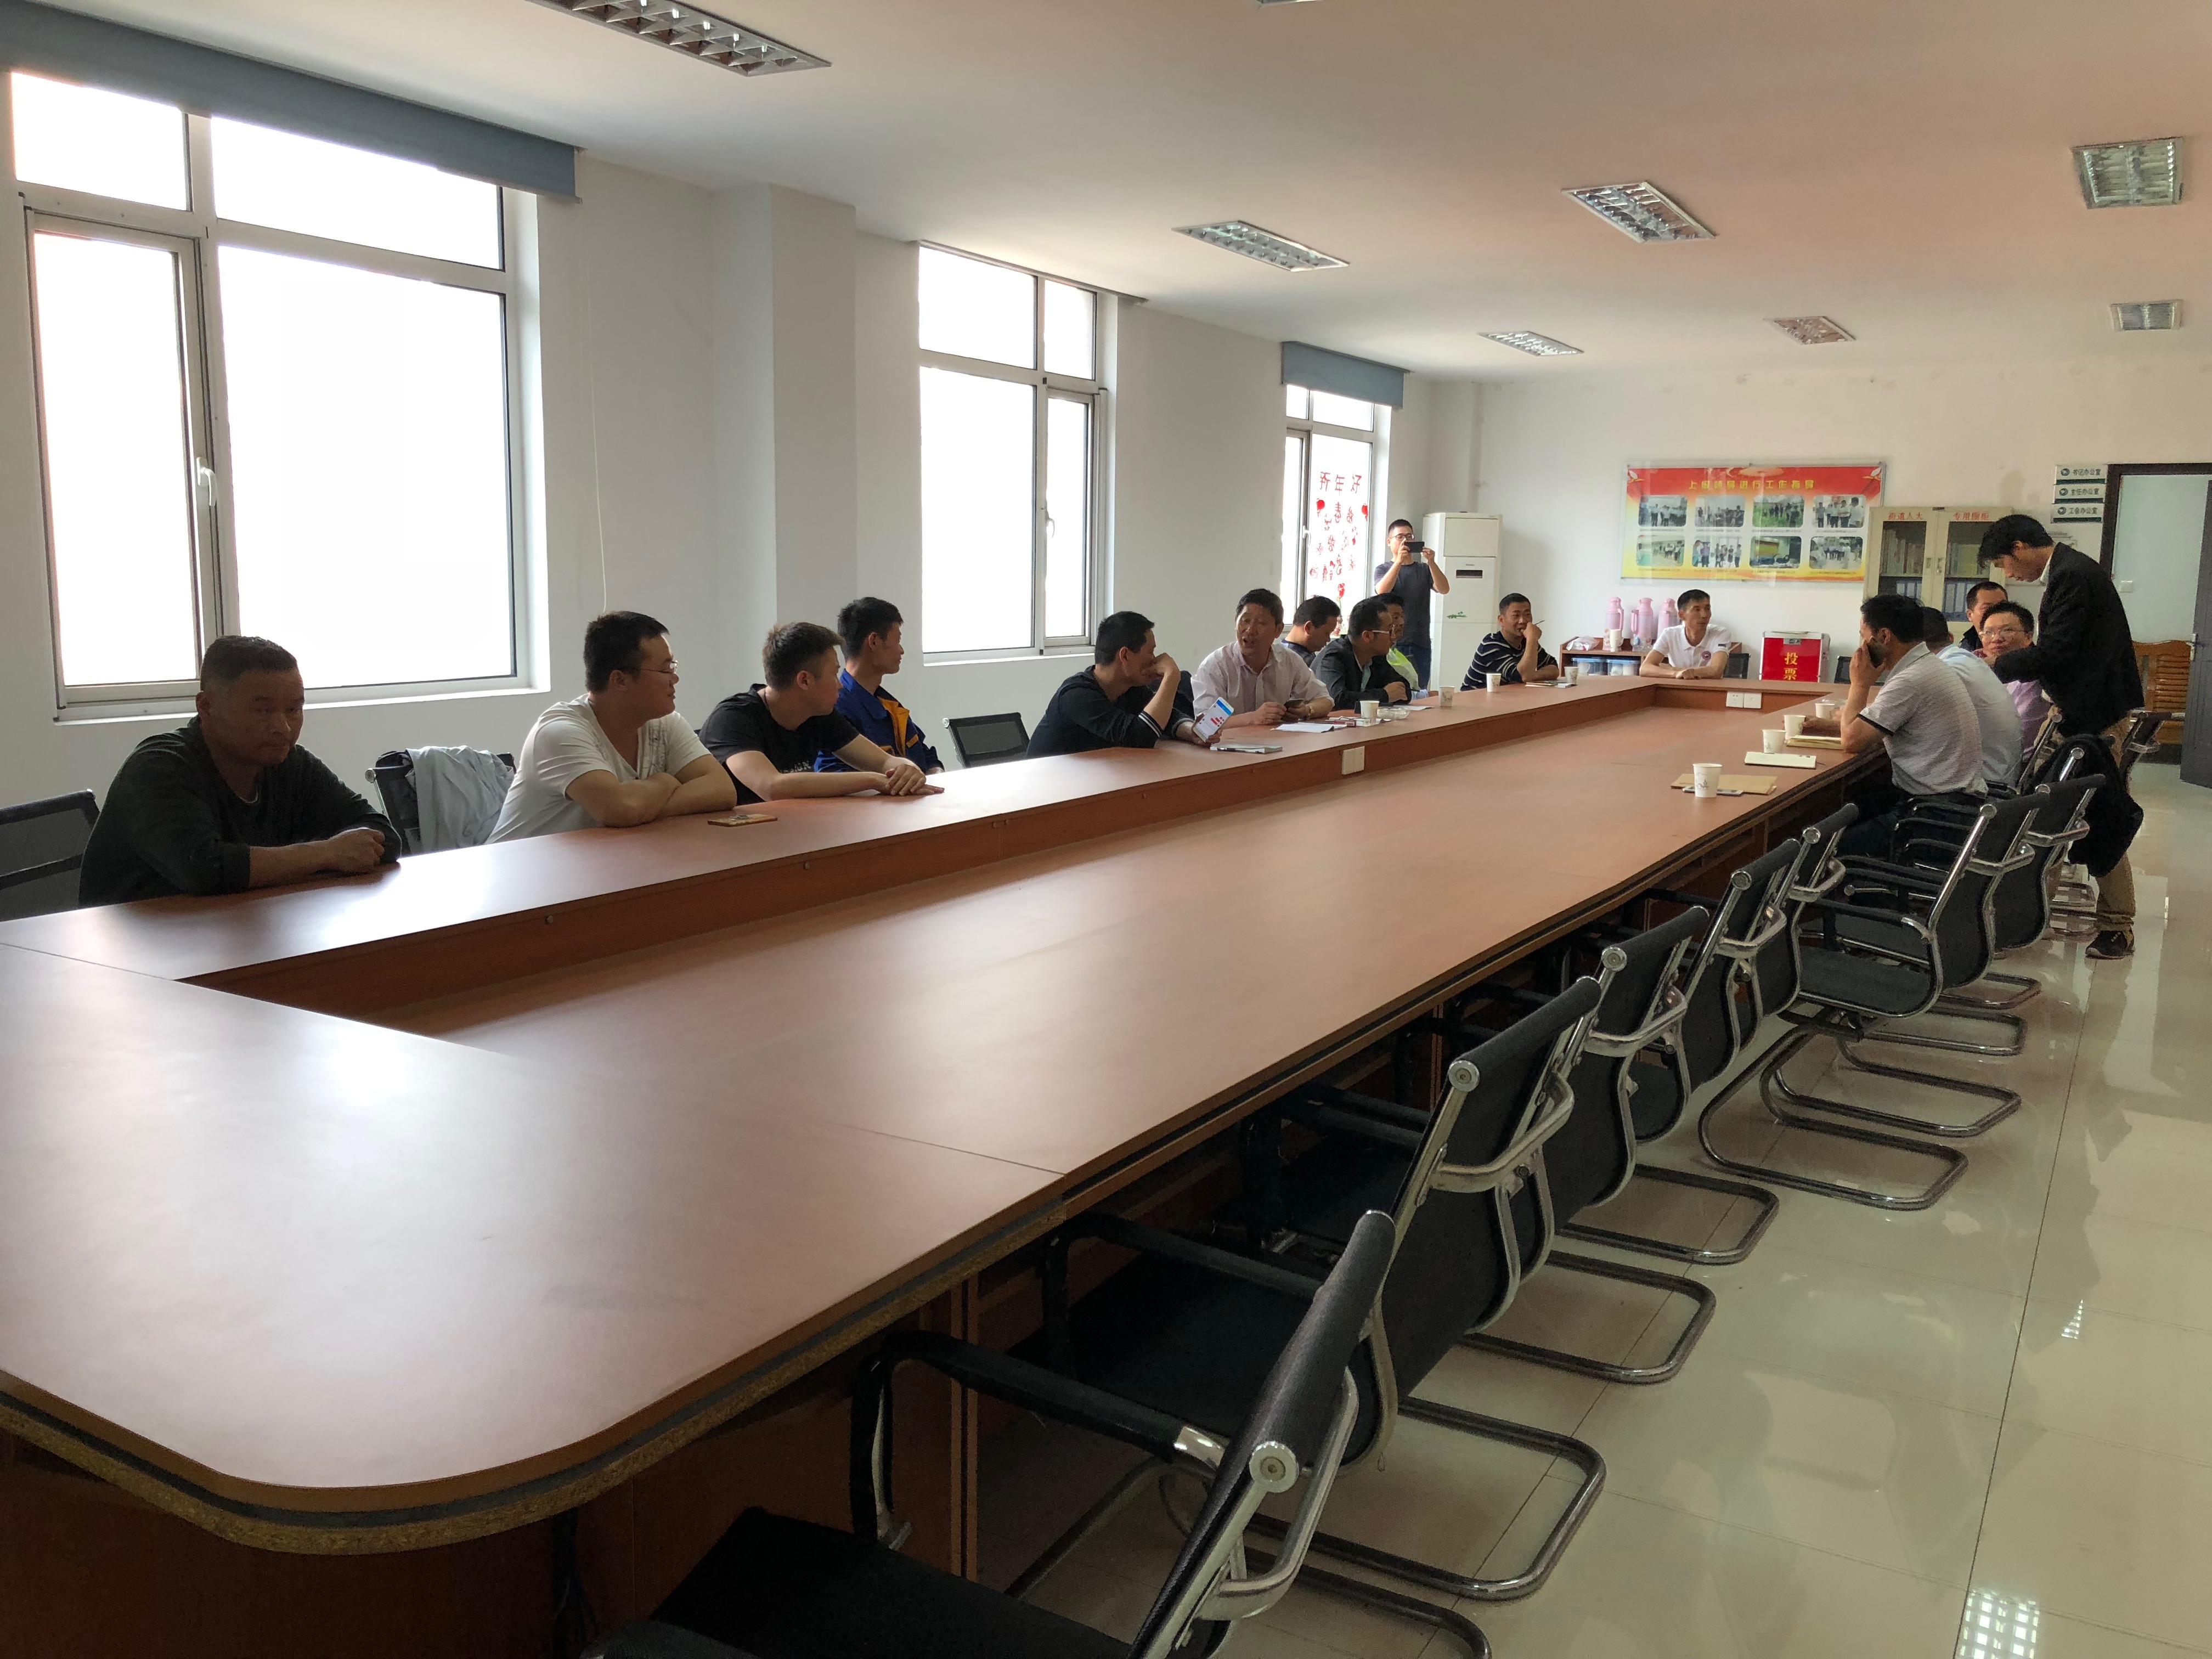 尧新社区开展残疾人法律知识培训